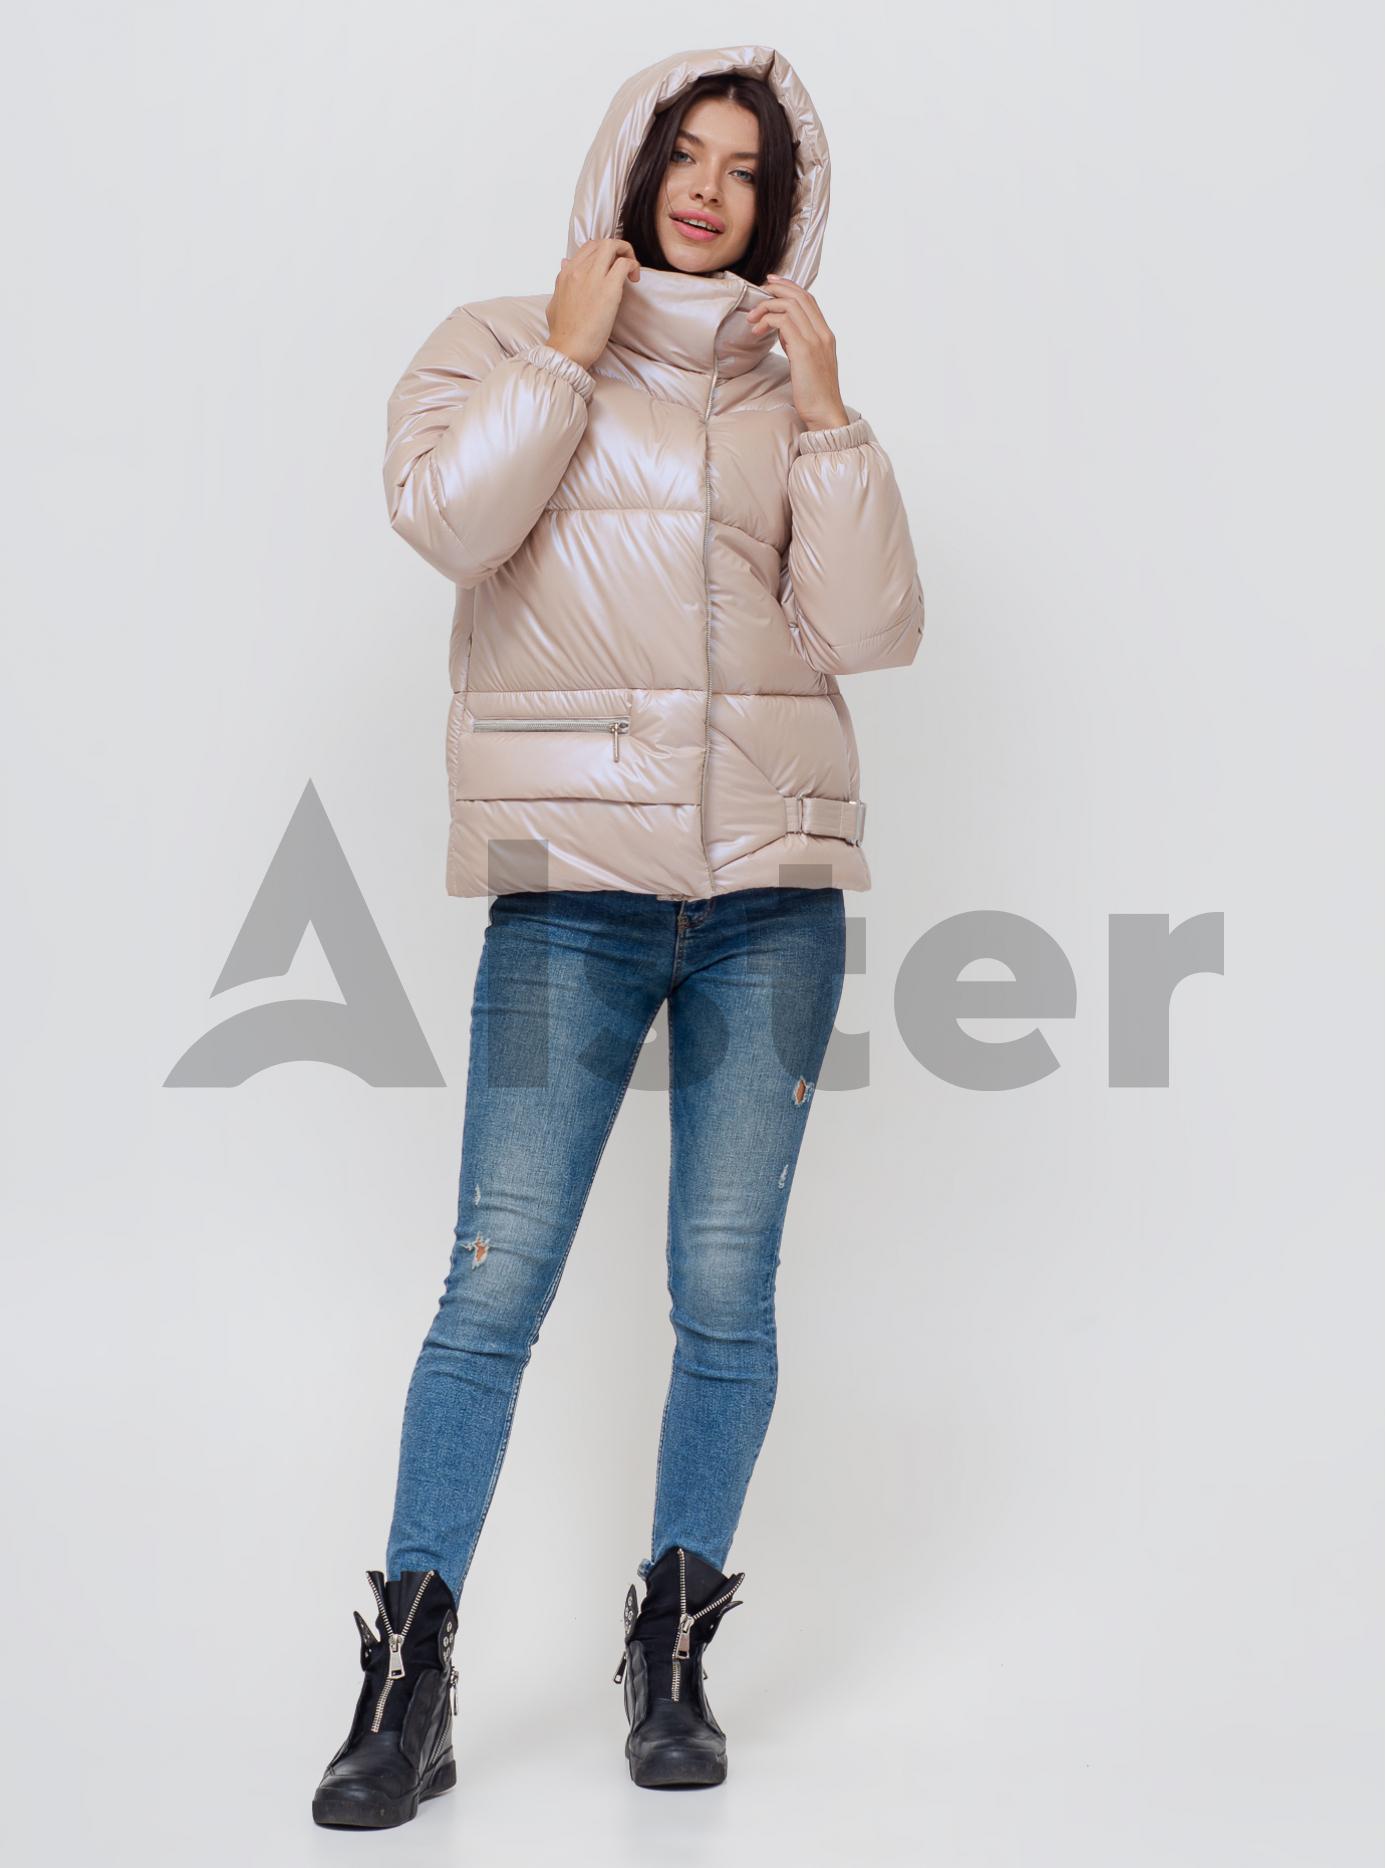 Женская зимняя куртка Молочный 40 (02-KL201040): фото - Alster.ua